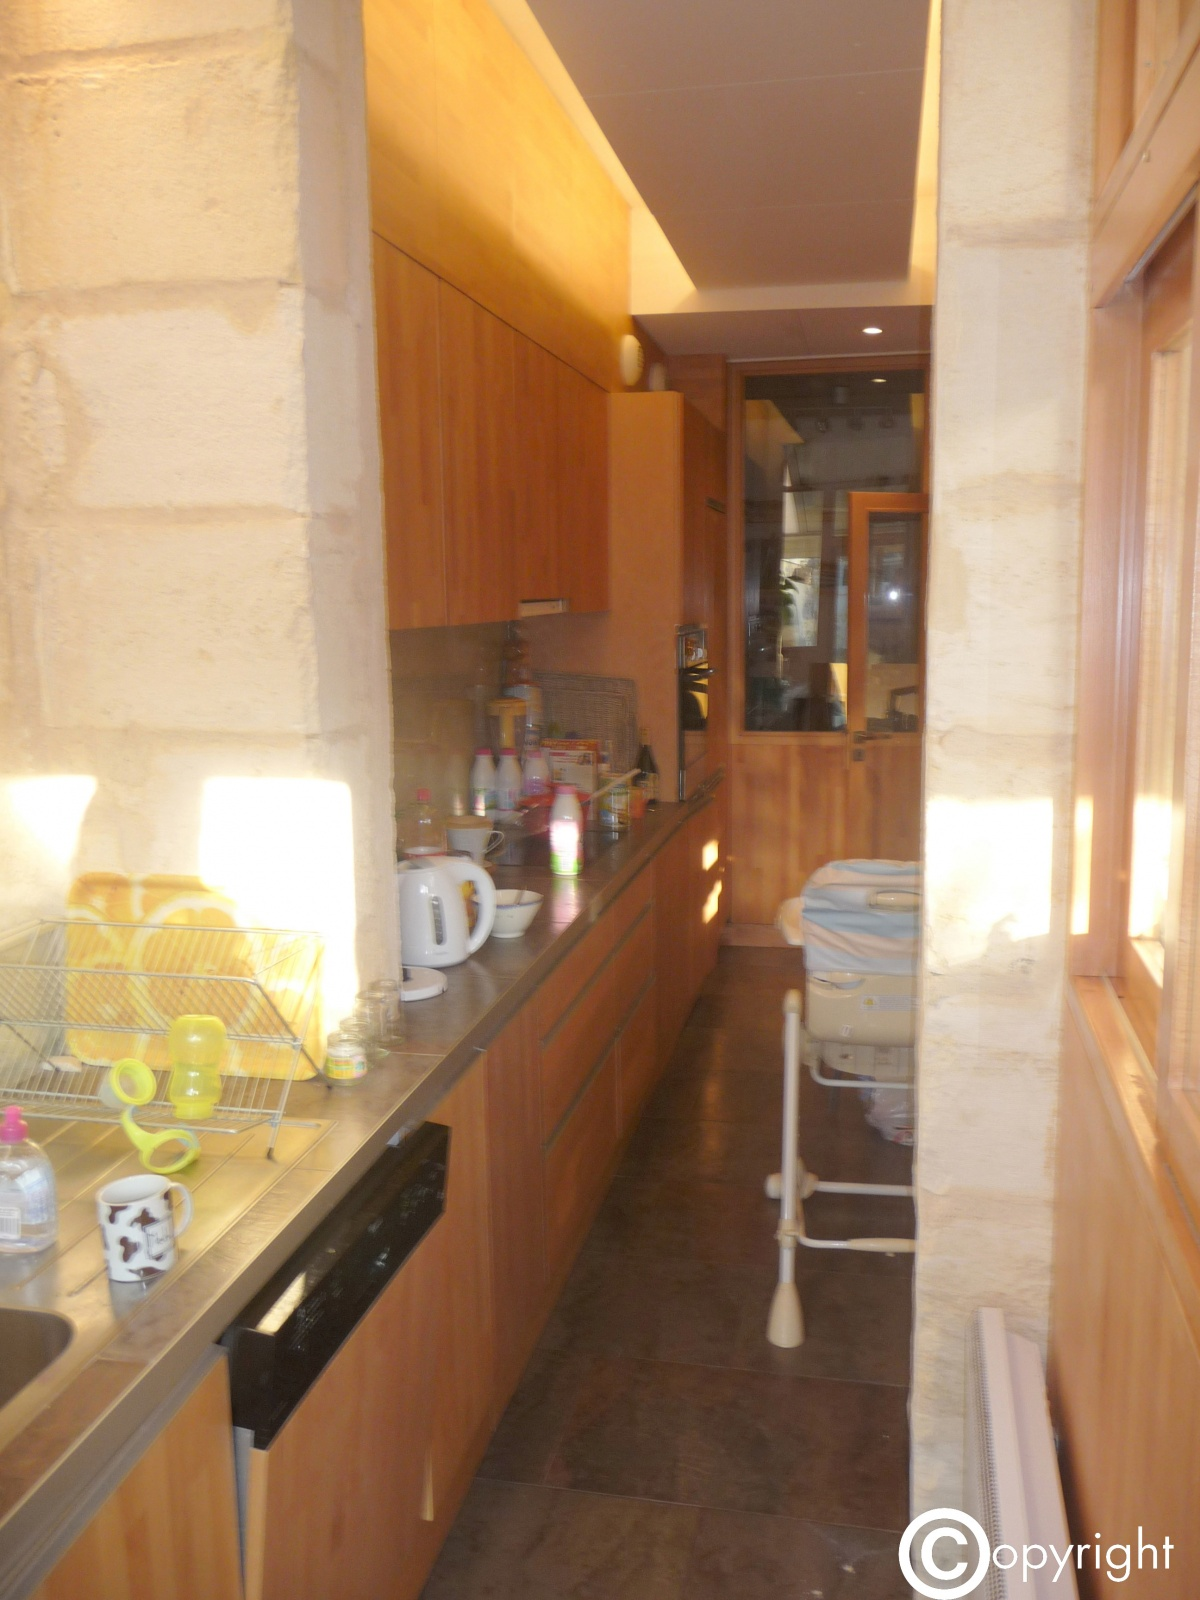 Réaménagement d'un rez-de chaussée d'une maison individuelle : P1030159.JPG